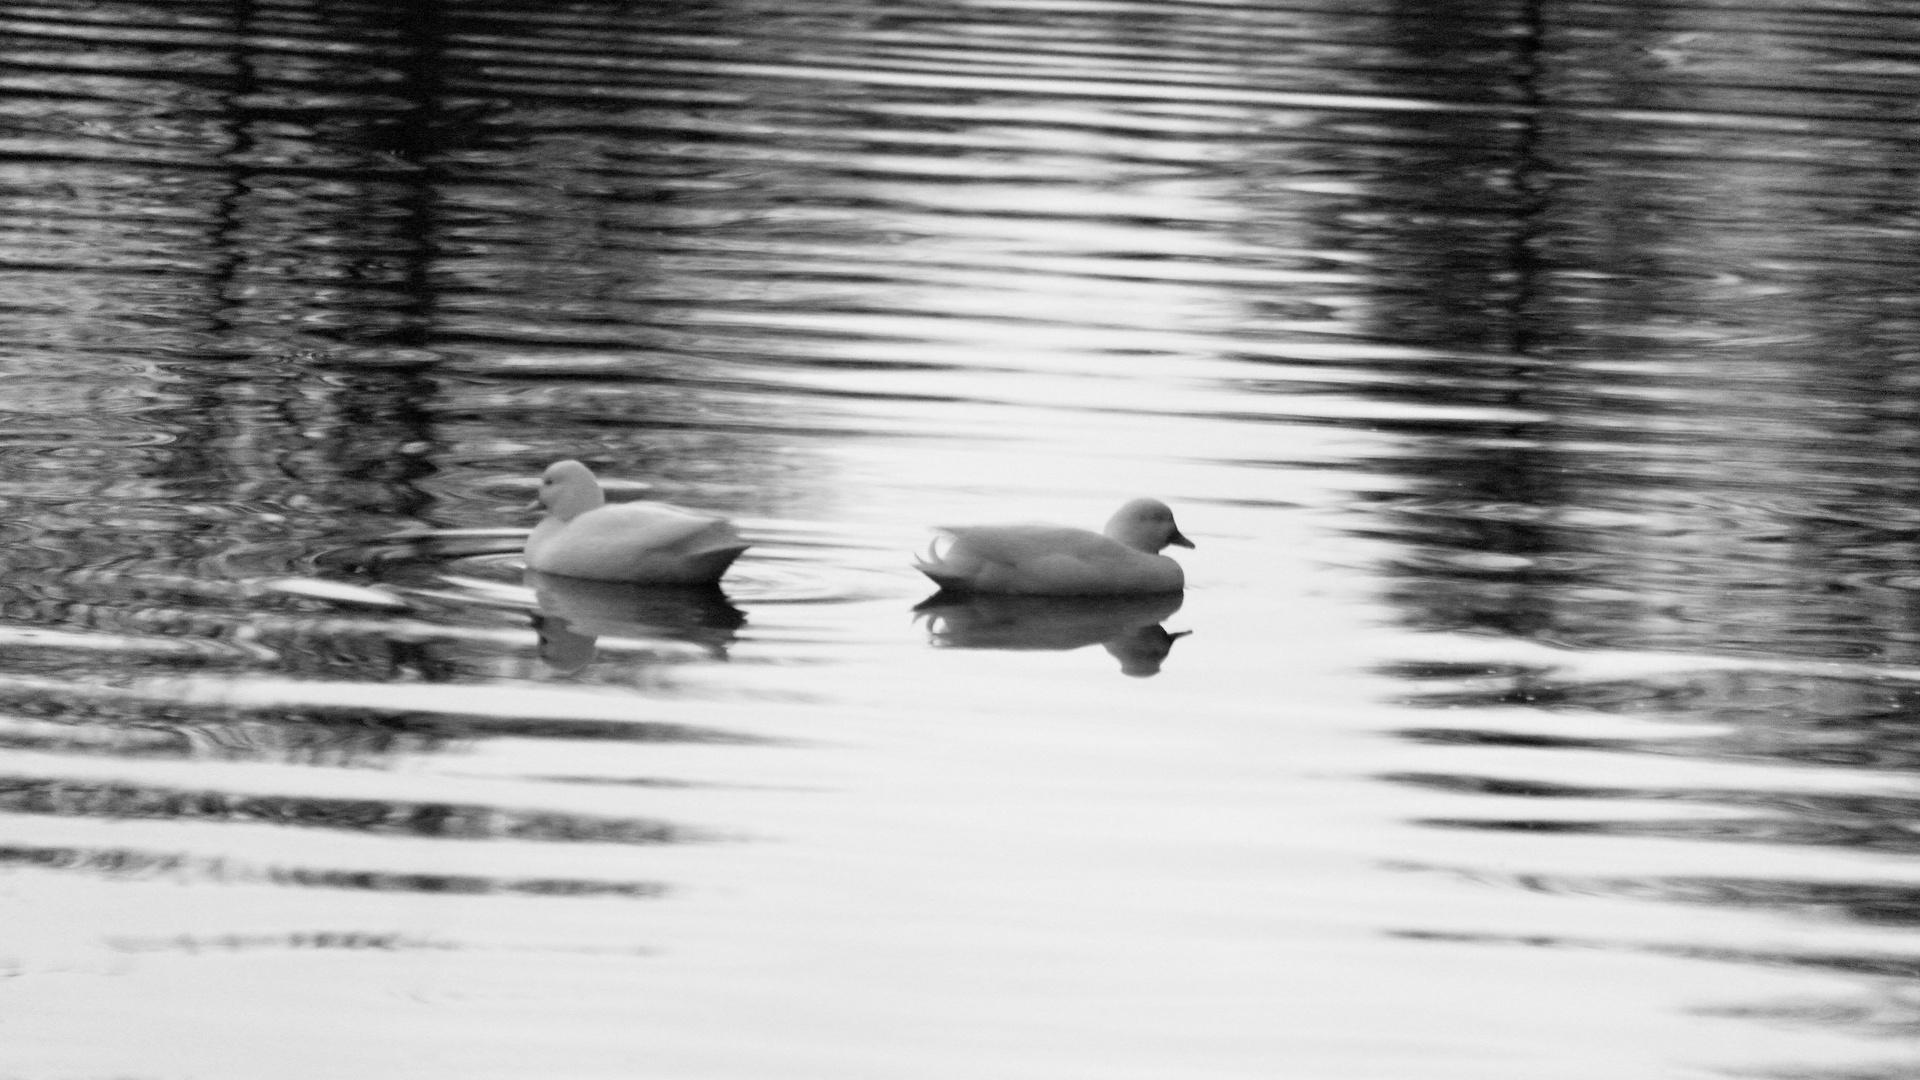 auf Wasser ... / on the water ...